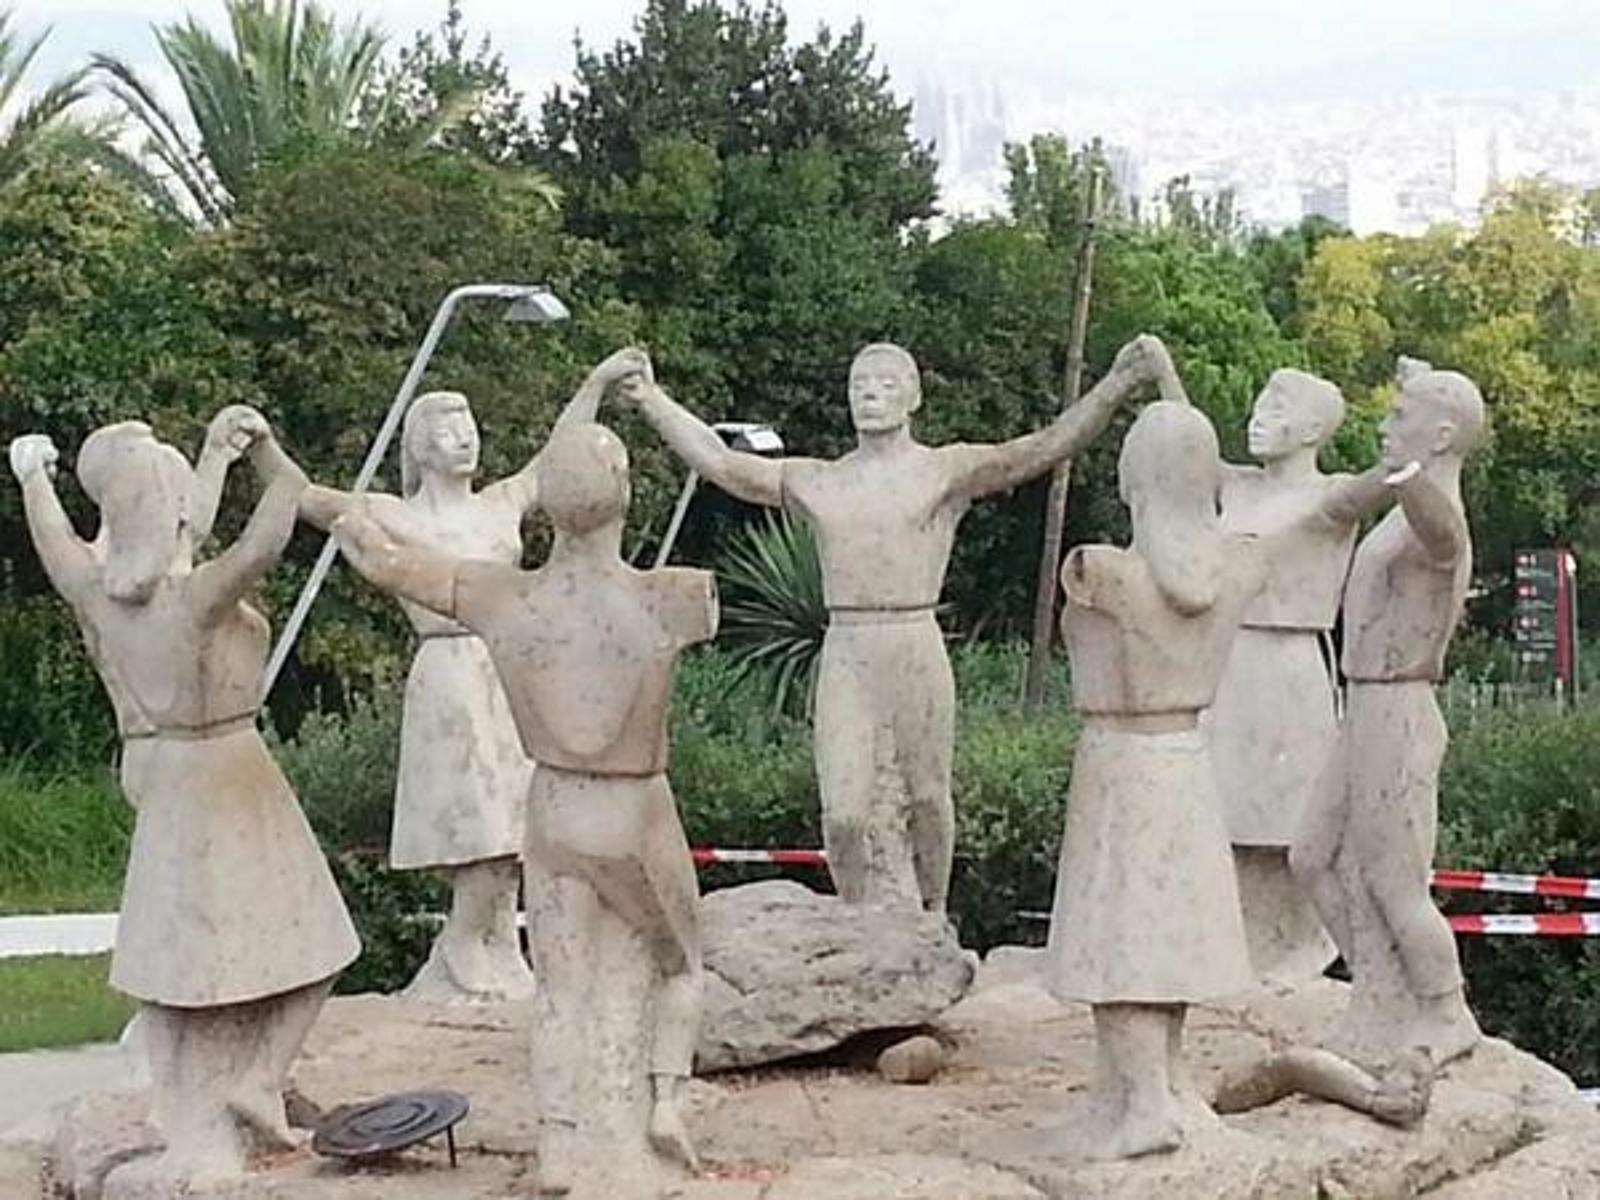 Presuntos separatistas mutilan sin piedad los brazos del monumento de Sardana en Montjuic